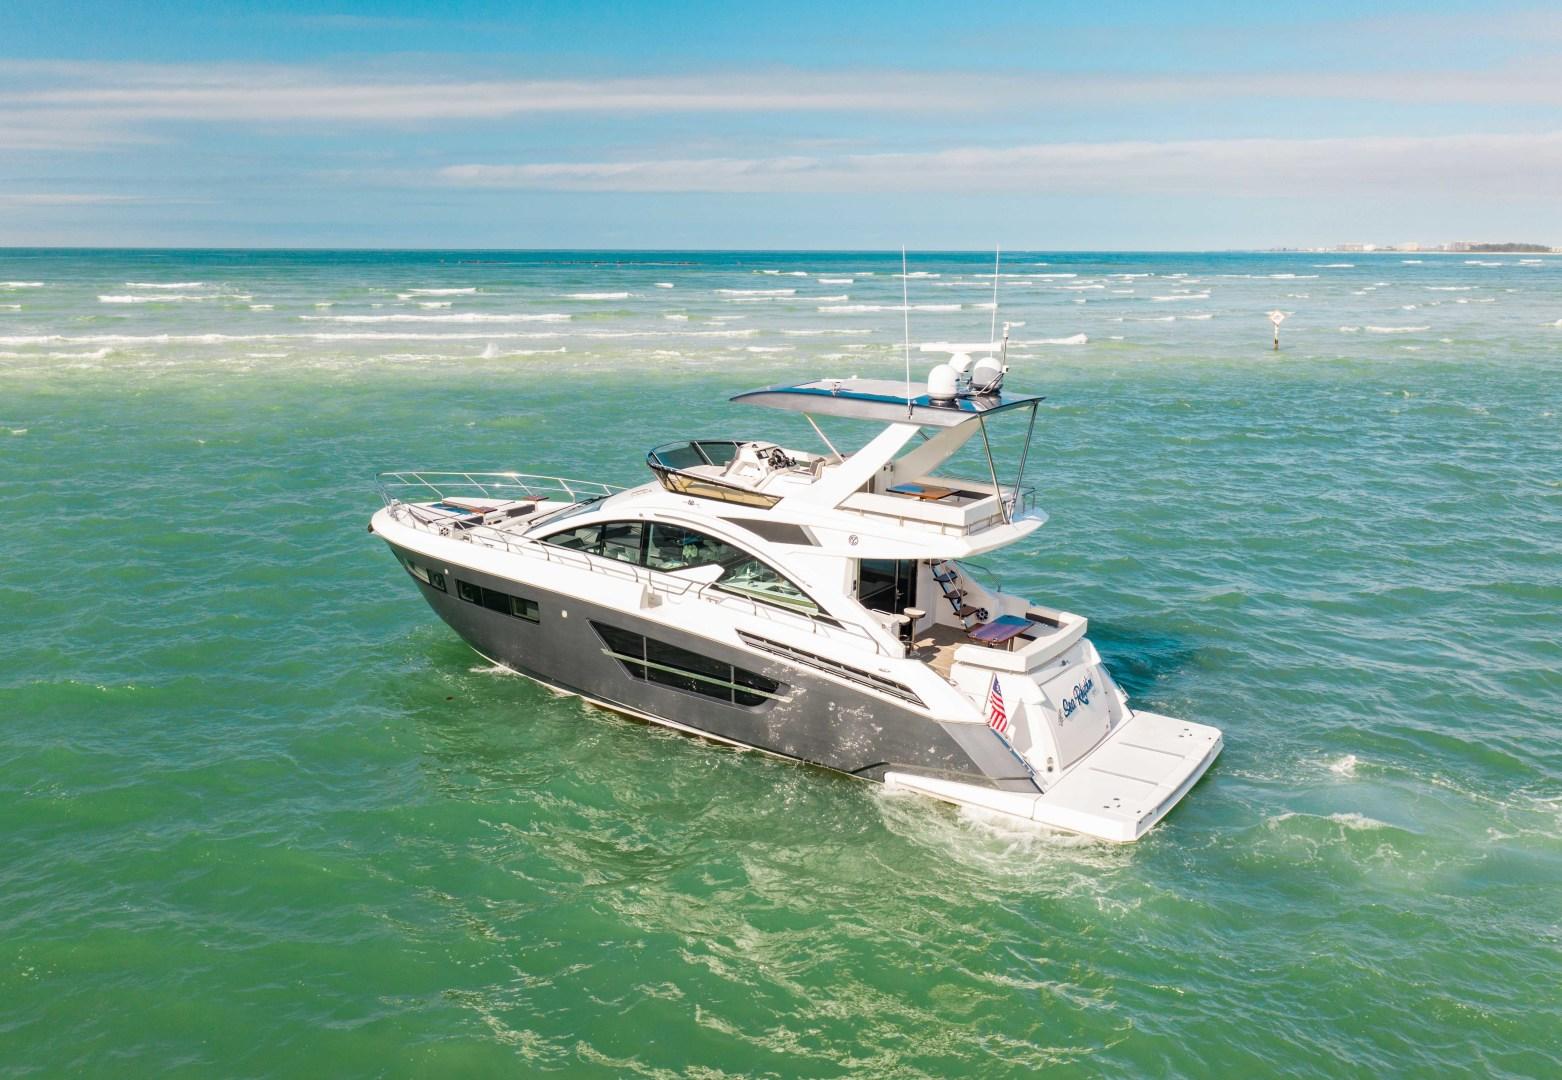 Cruisers-60 Cantius 2018-Sea Rhythm III Anna Maria-Florida-United States-2018 Cruisers 60 Cantius FB  Sea Rhythm III  Port Profile-1583319 | Thumbnail